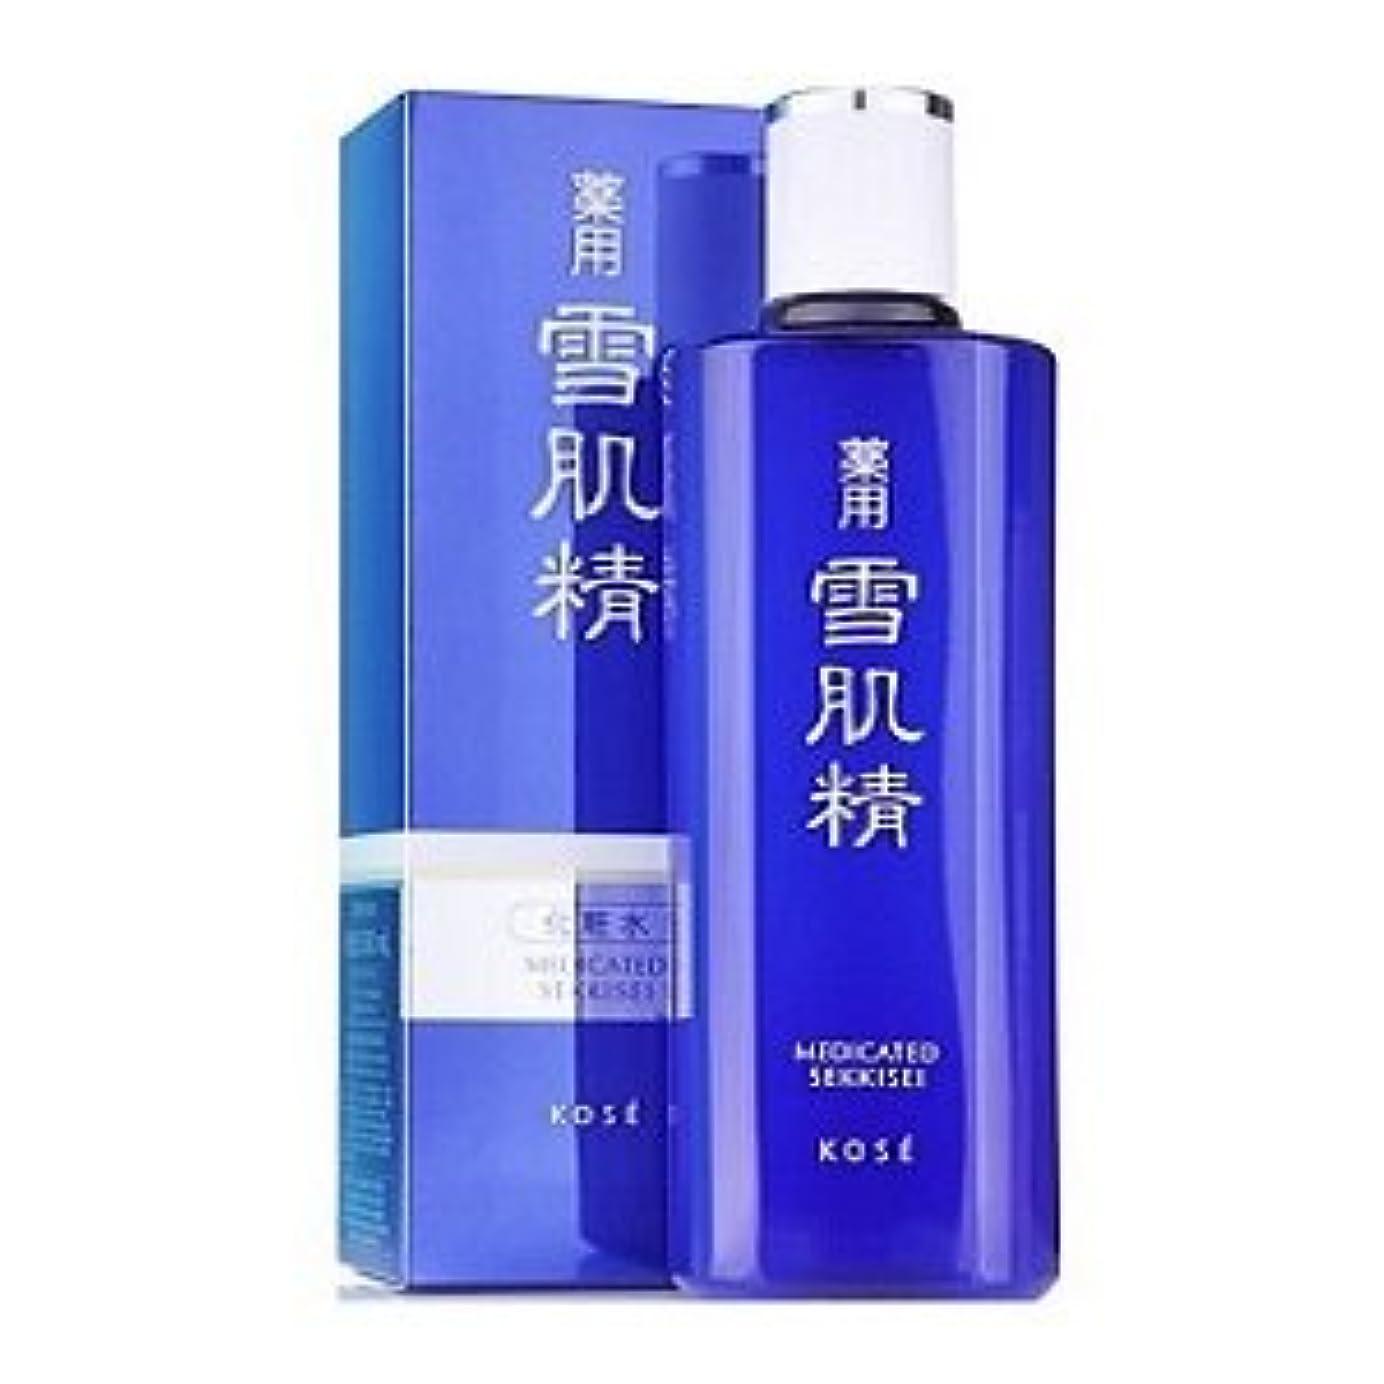 松明露出度の高い乳製品コーセー 薬用 雪肌精 化粧水 360ml アウトレット